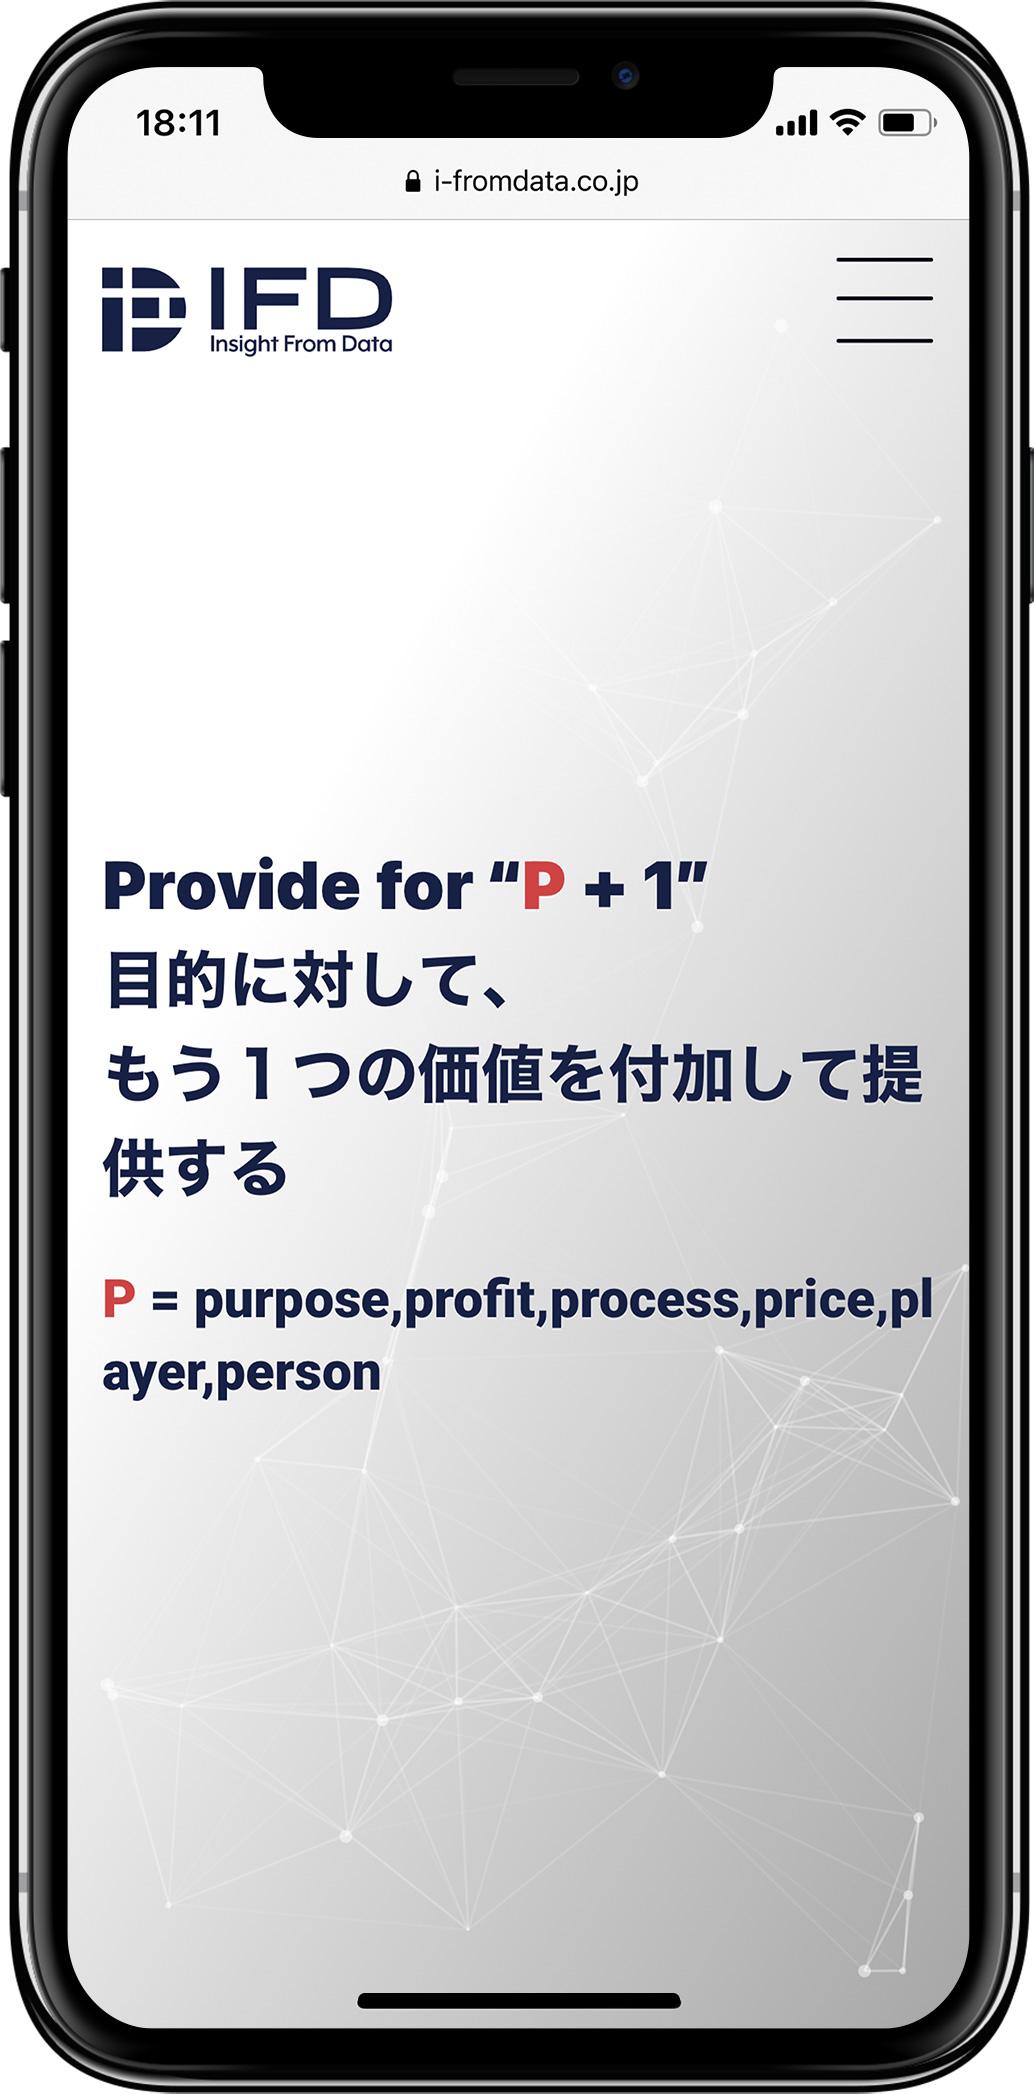 アイ・エフ・ディー株式会社様のウェブサイトをリニューアルしましたスマートフォンの見た目